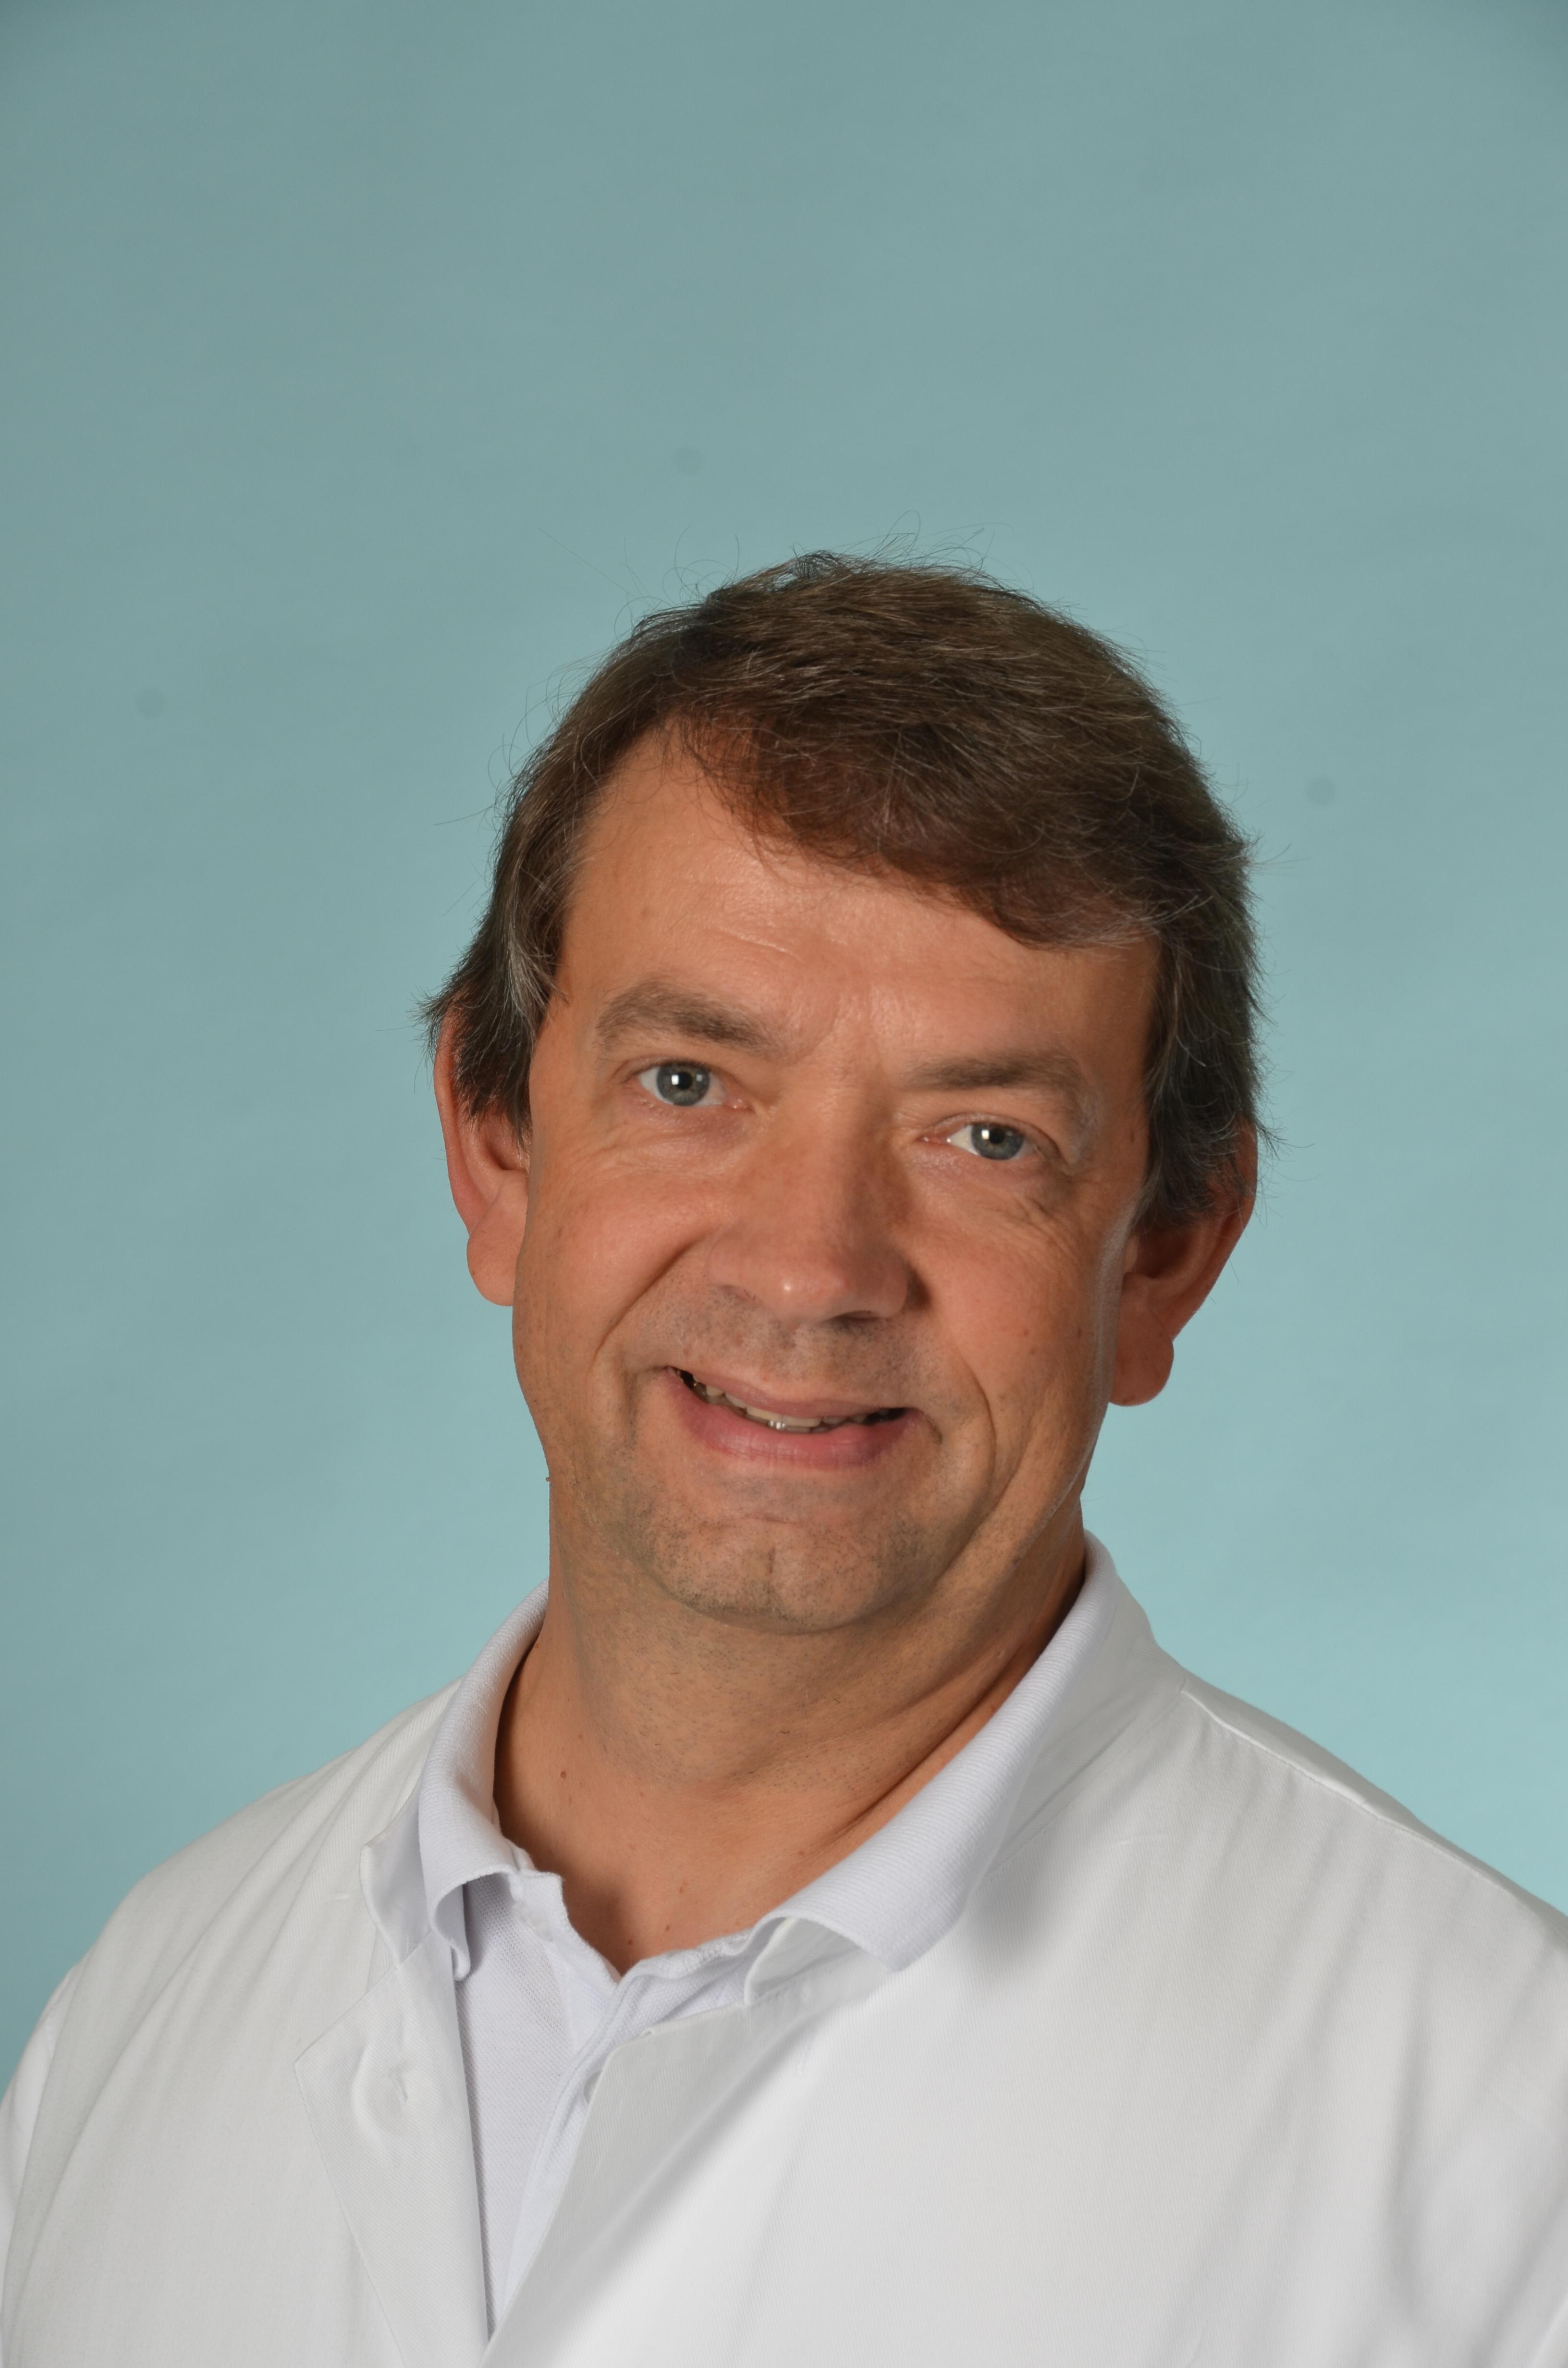 Chefarzt der Gynäkologie und Geburtshilfe